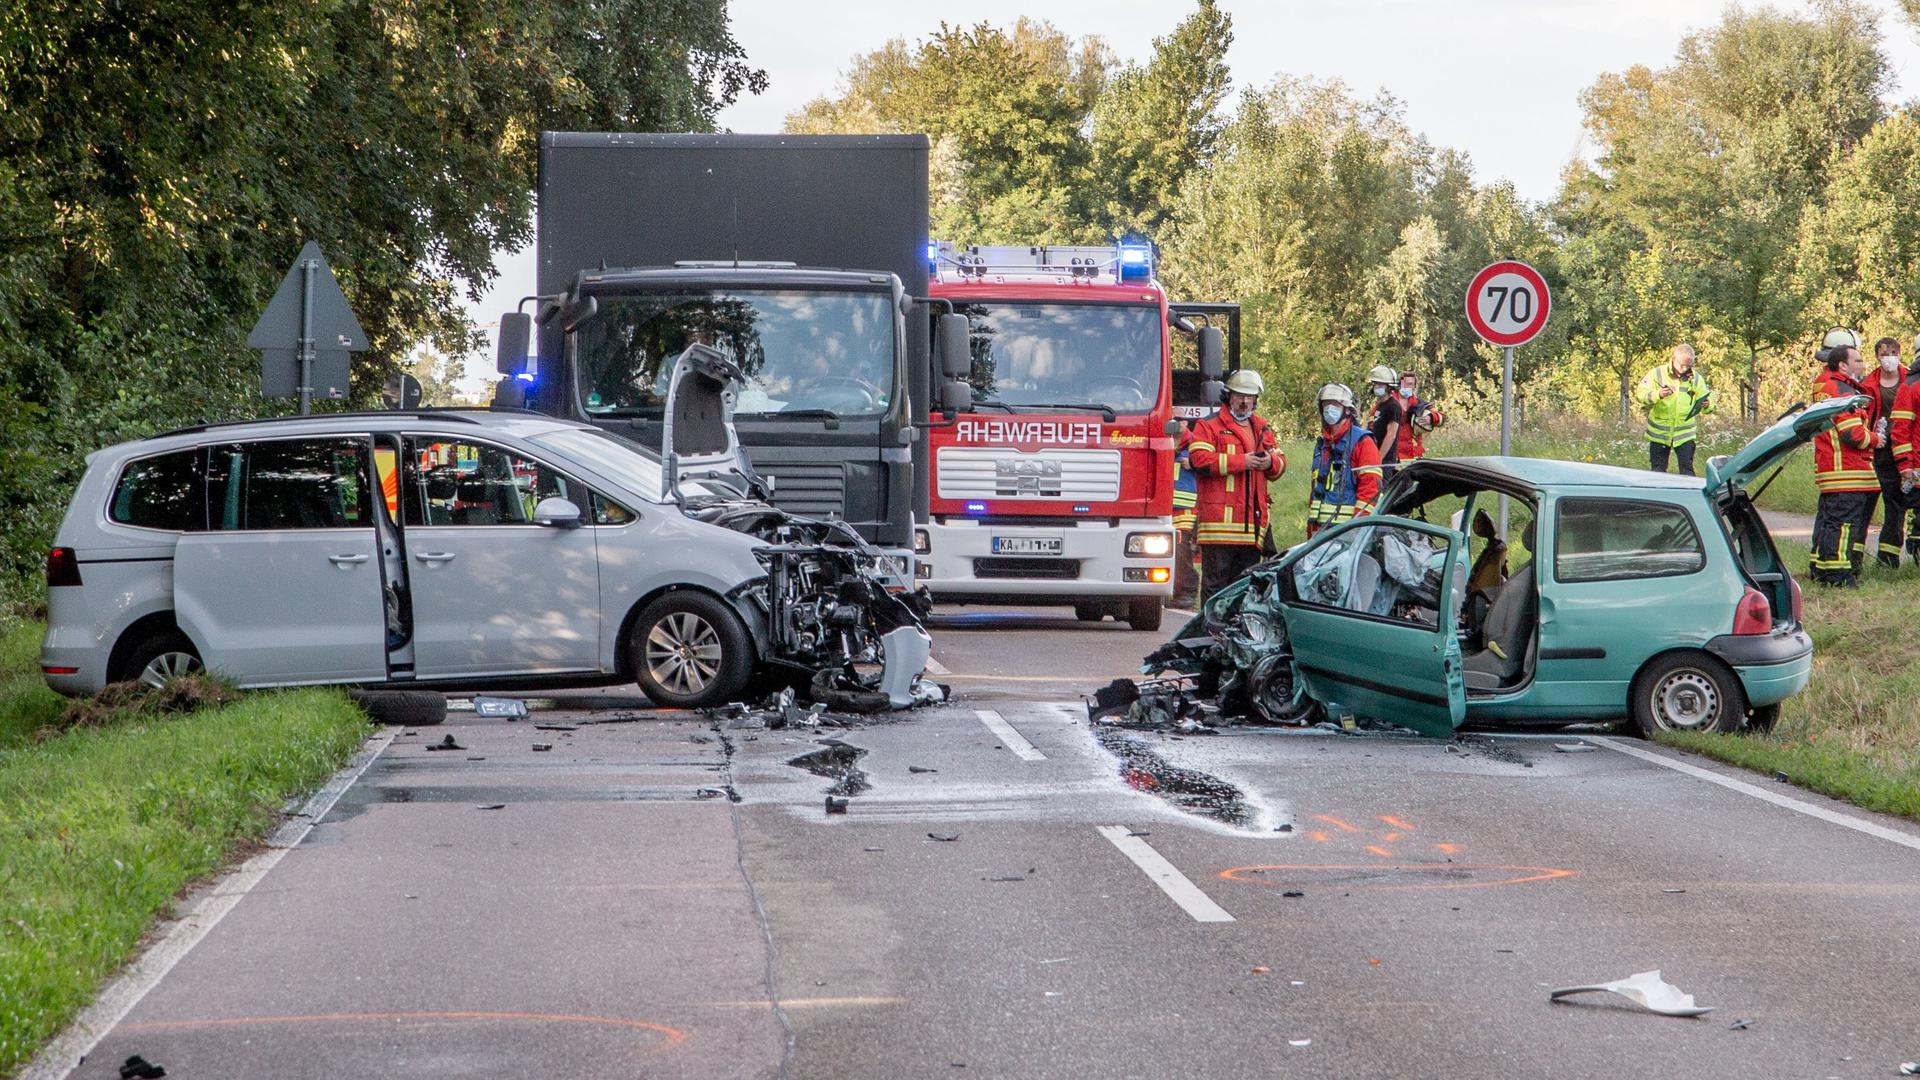 Unglücksfahrzeuge: Auf der L607 bei Ettlingen-Oberweier kollidierten am Montagabend ein Motorradfahrer und zwei Autos. Ein Autofahrer kam ums Leben.